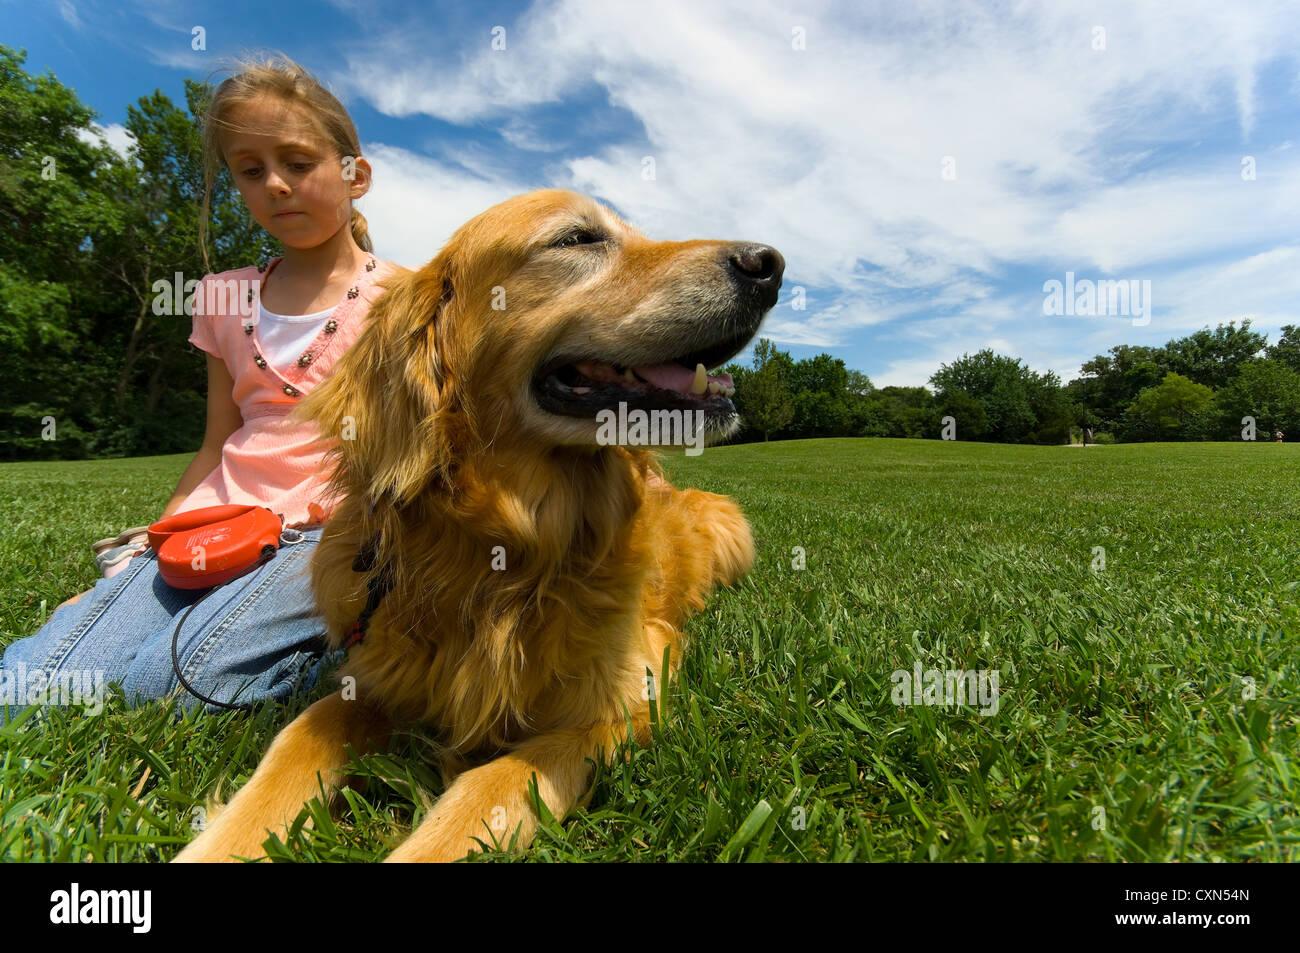 Giovane ragazza al parco con cane Immagini Stock